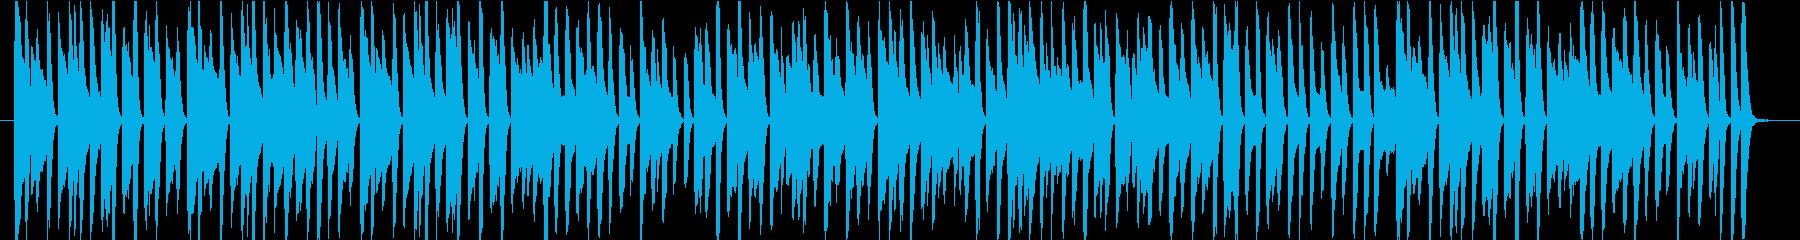 あやしくコミカルなピアノソロ2の再生済みの波形